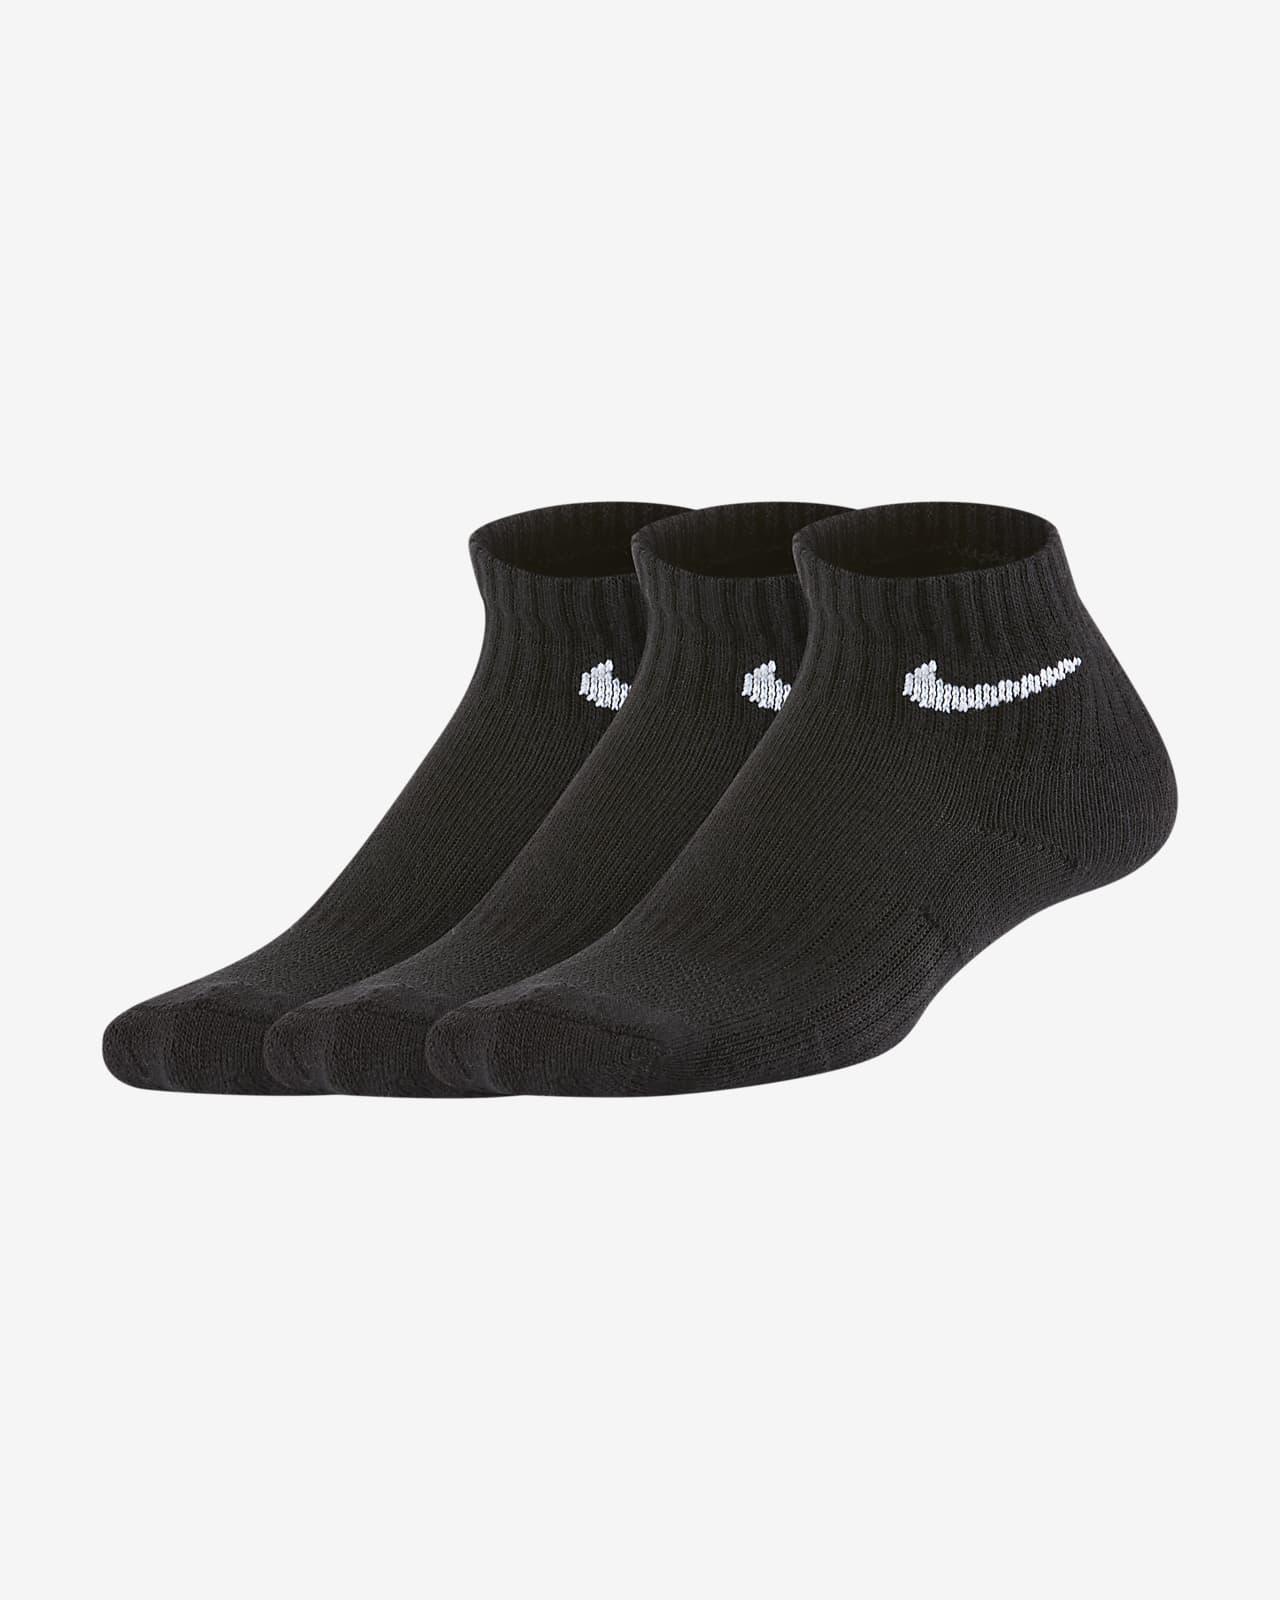 Socquettes rembourrées Nike Everyday pour Jeune enfant (3 paires)